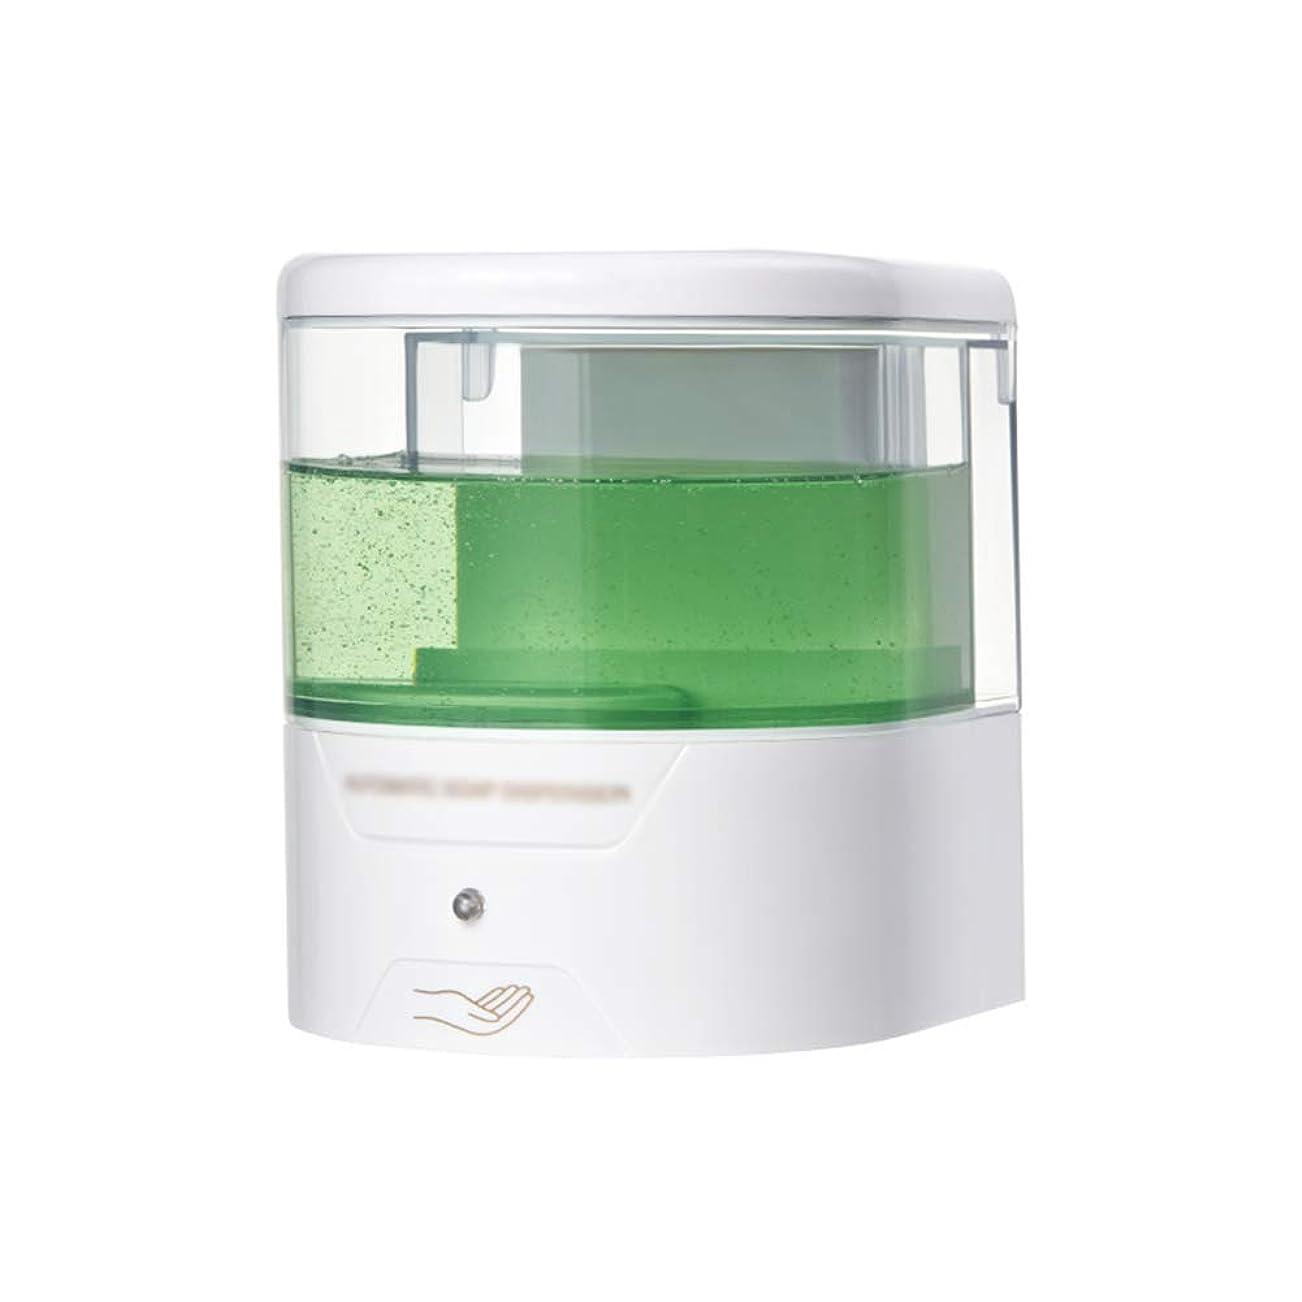 レイ実験室変成器ソープディスペンサー - 壁掛け式非接触自動ソープディスペンサー、浴室用スマートモーションセンサー、キッチン、ホテルレストラン